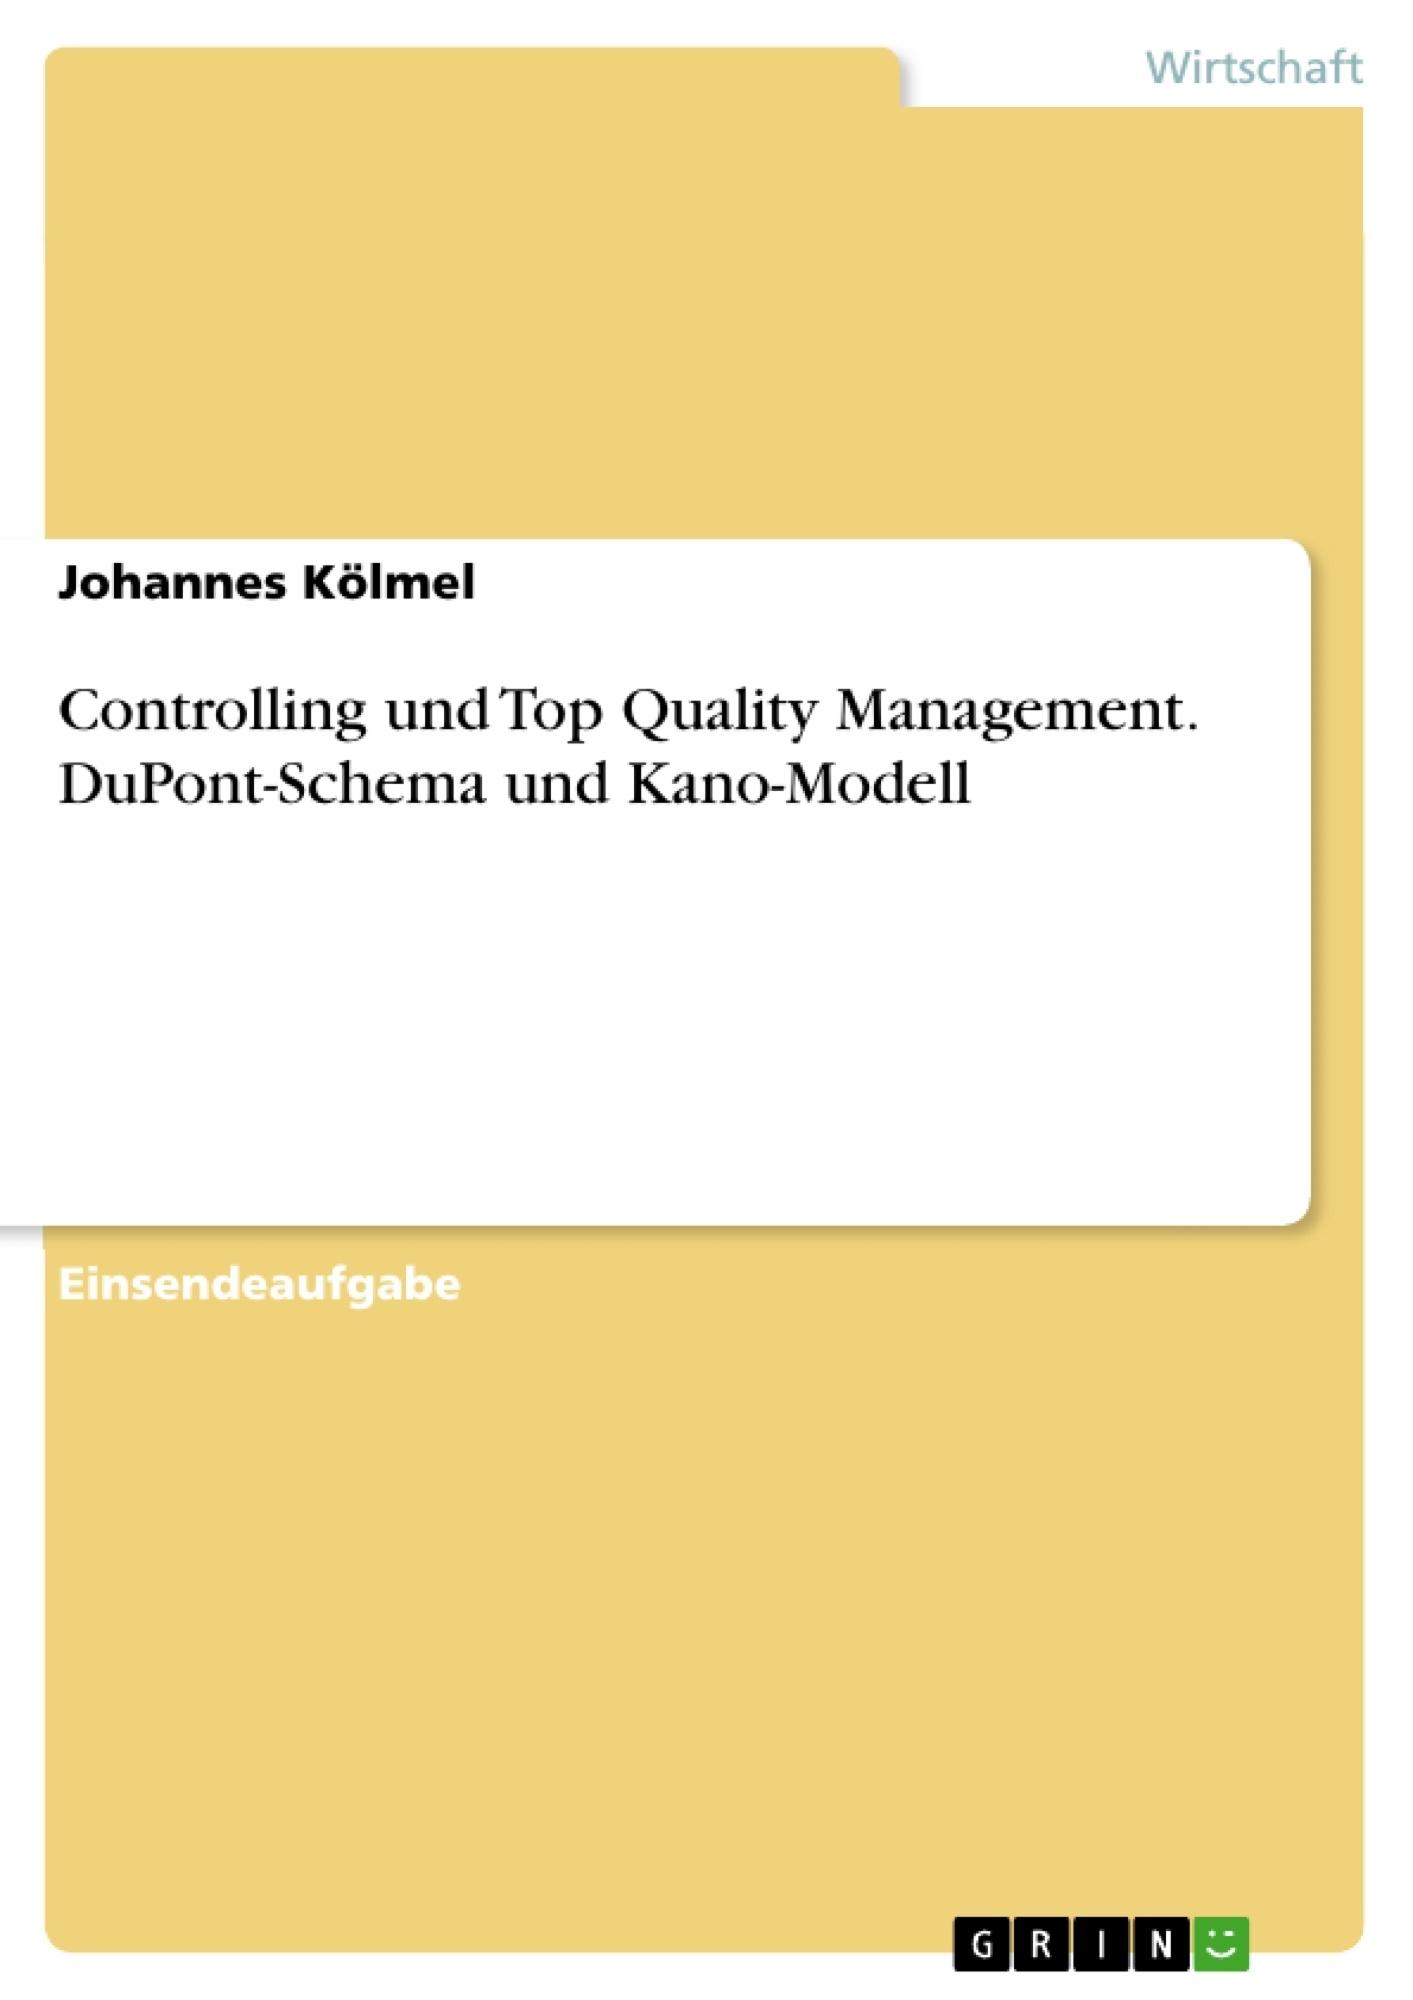 Titel: Controlling und Top Quality Management. DuPont-Schema und Kano-Modell